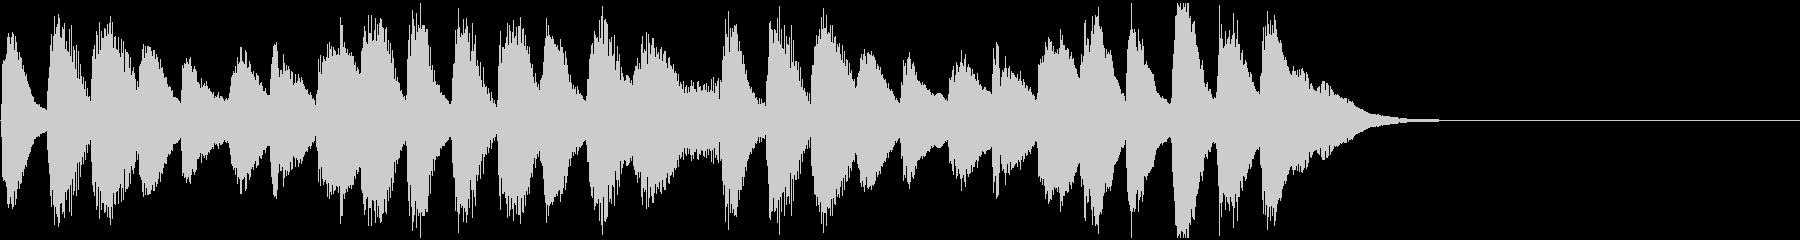 ふんわりほのぼのとしたピアノのジングルの未再生の波形